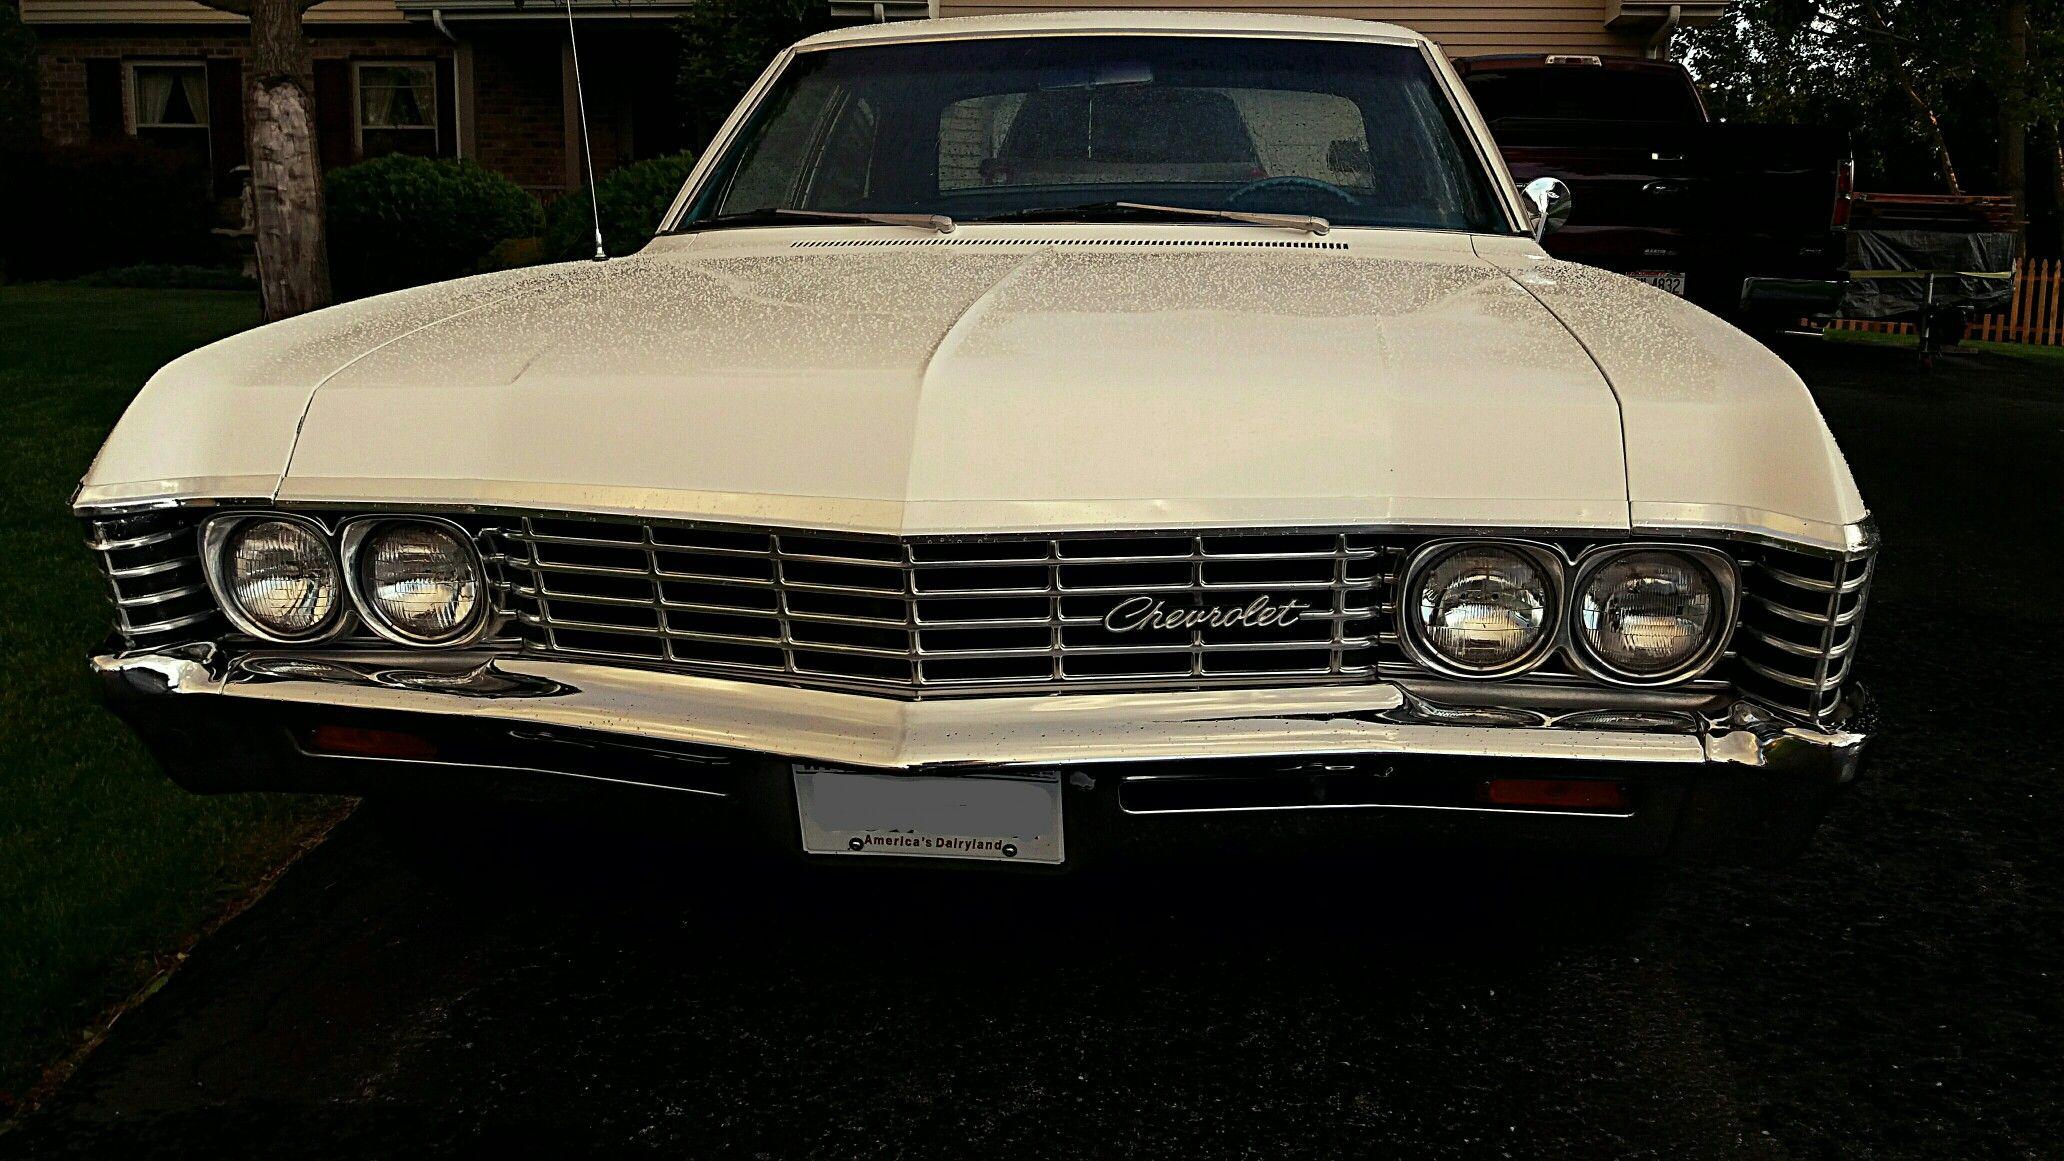 67 Belair Impala 67 Impala Impala Vehicles